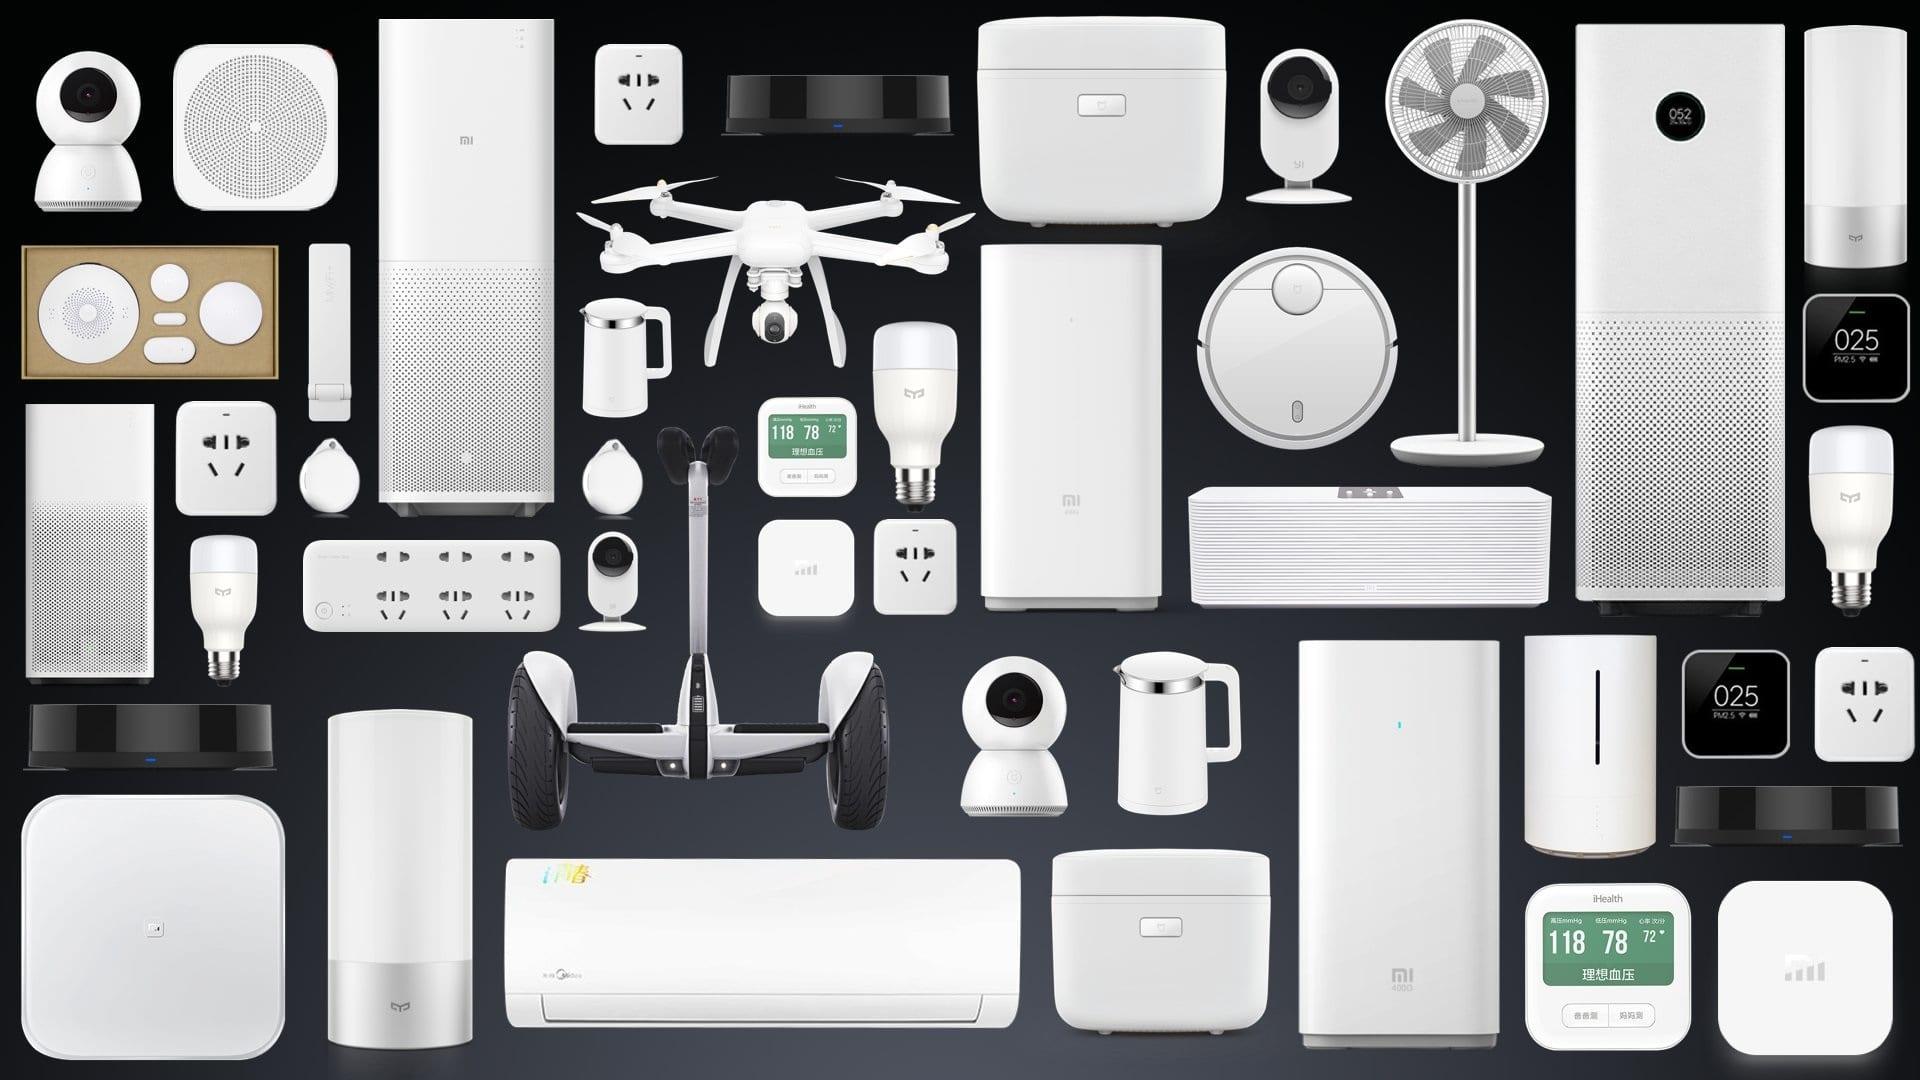 Black Friday Xiaomi: le migliori offerte su smartphone e altri prodotti smart